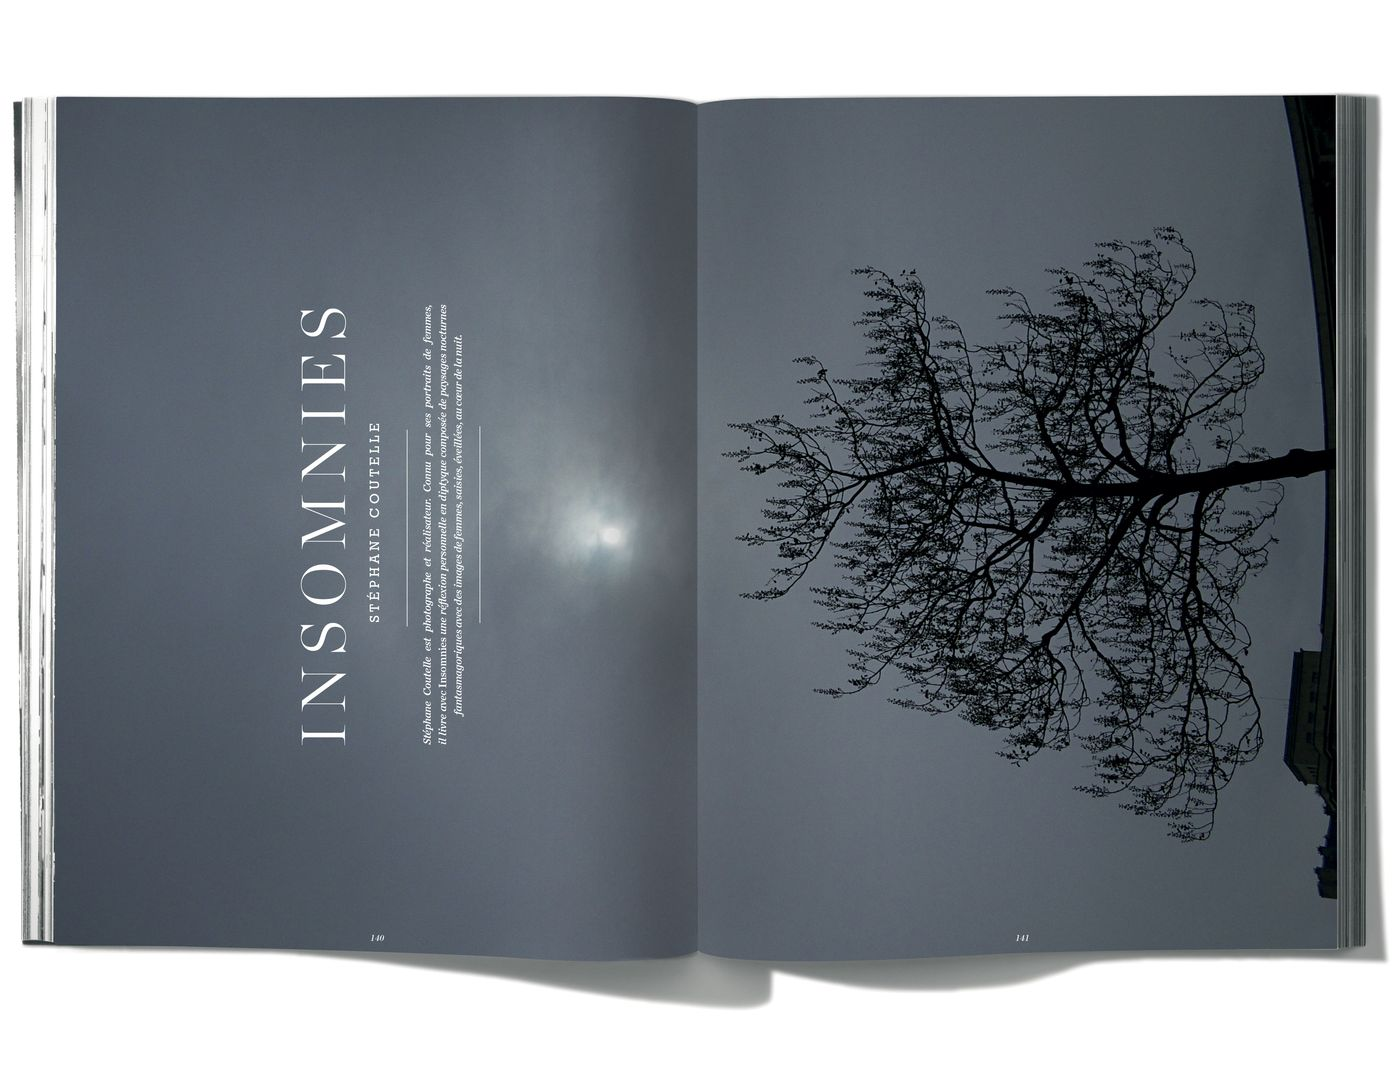 Photographies de Stéphane Coutelle, Insomnies